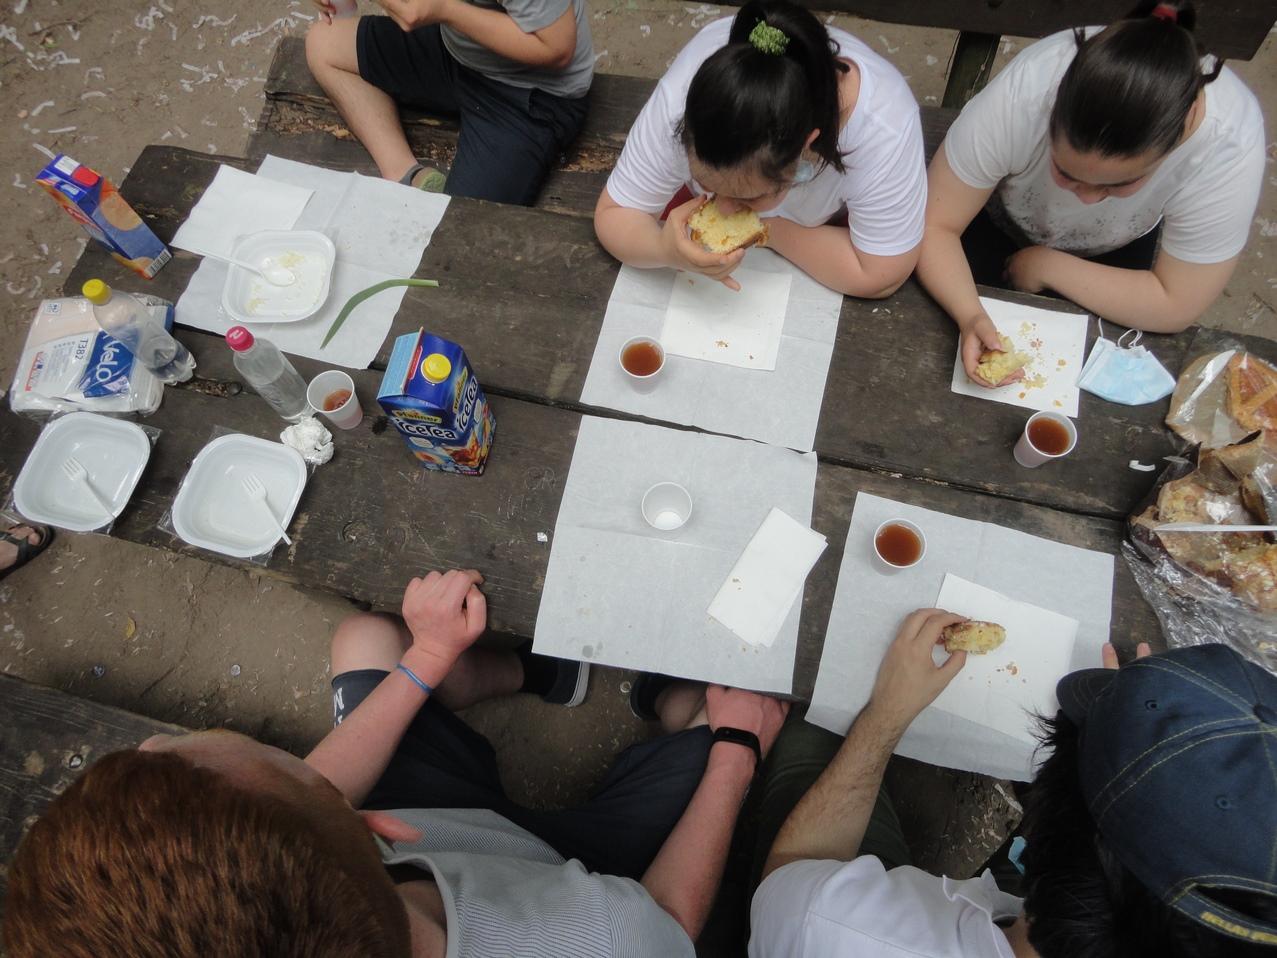 foto 12 picnic (Copia).JPG